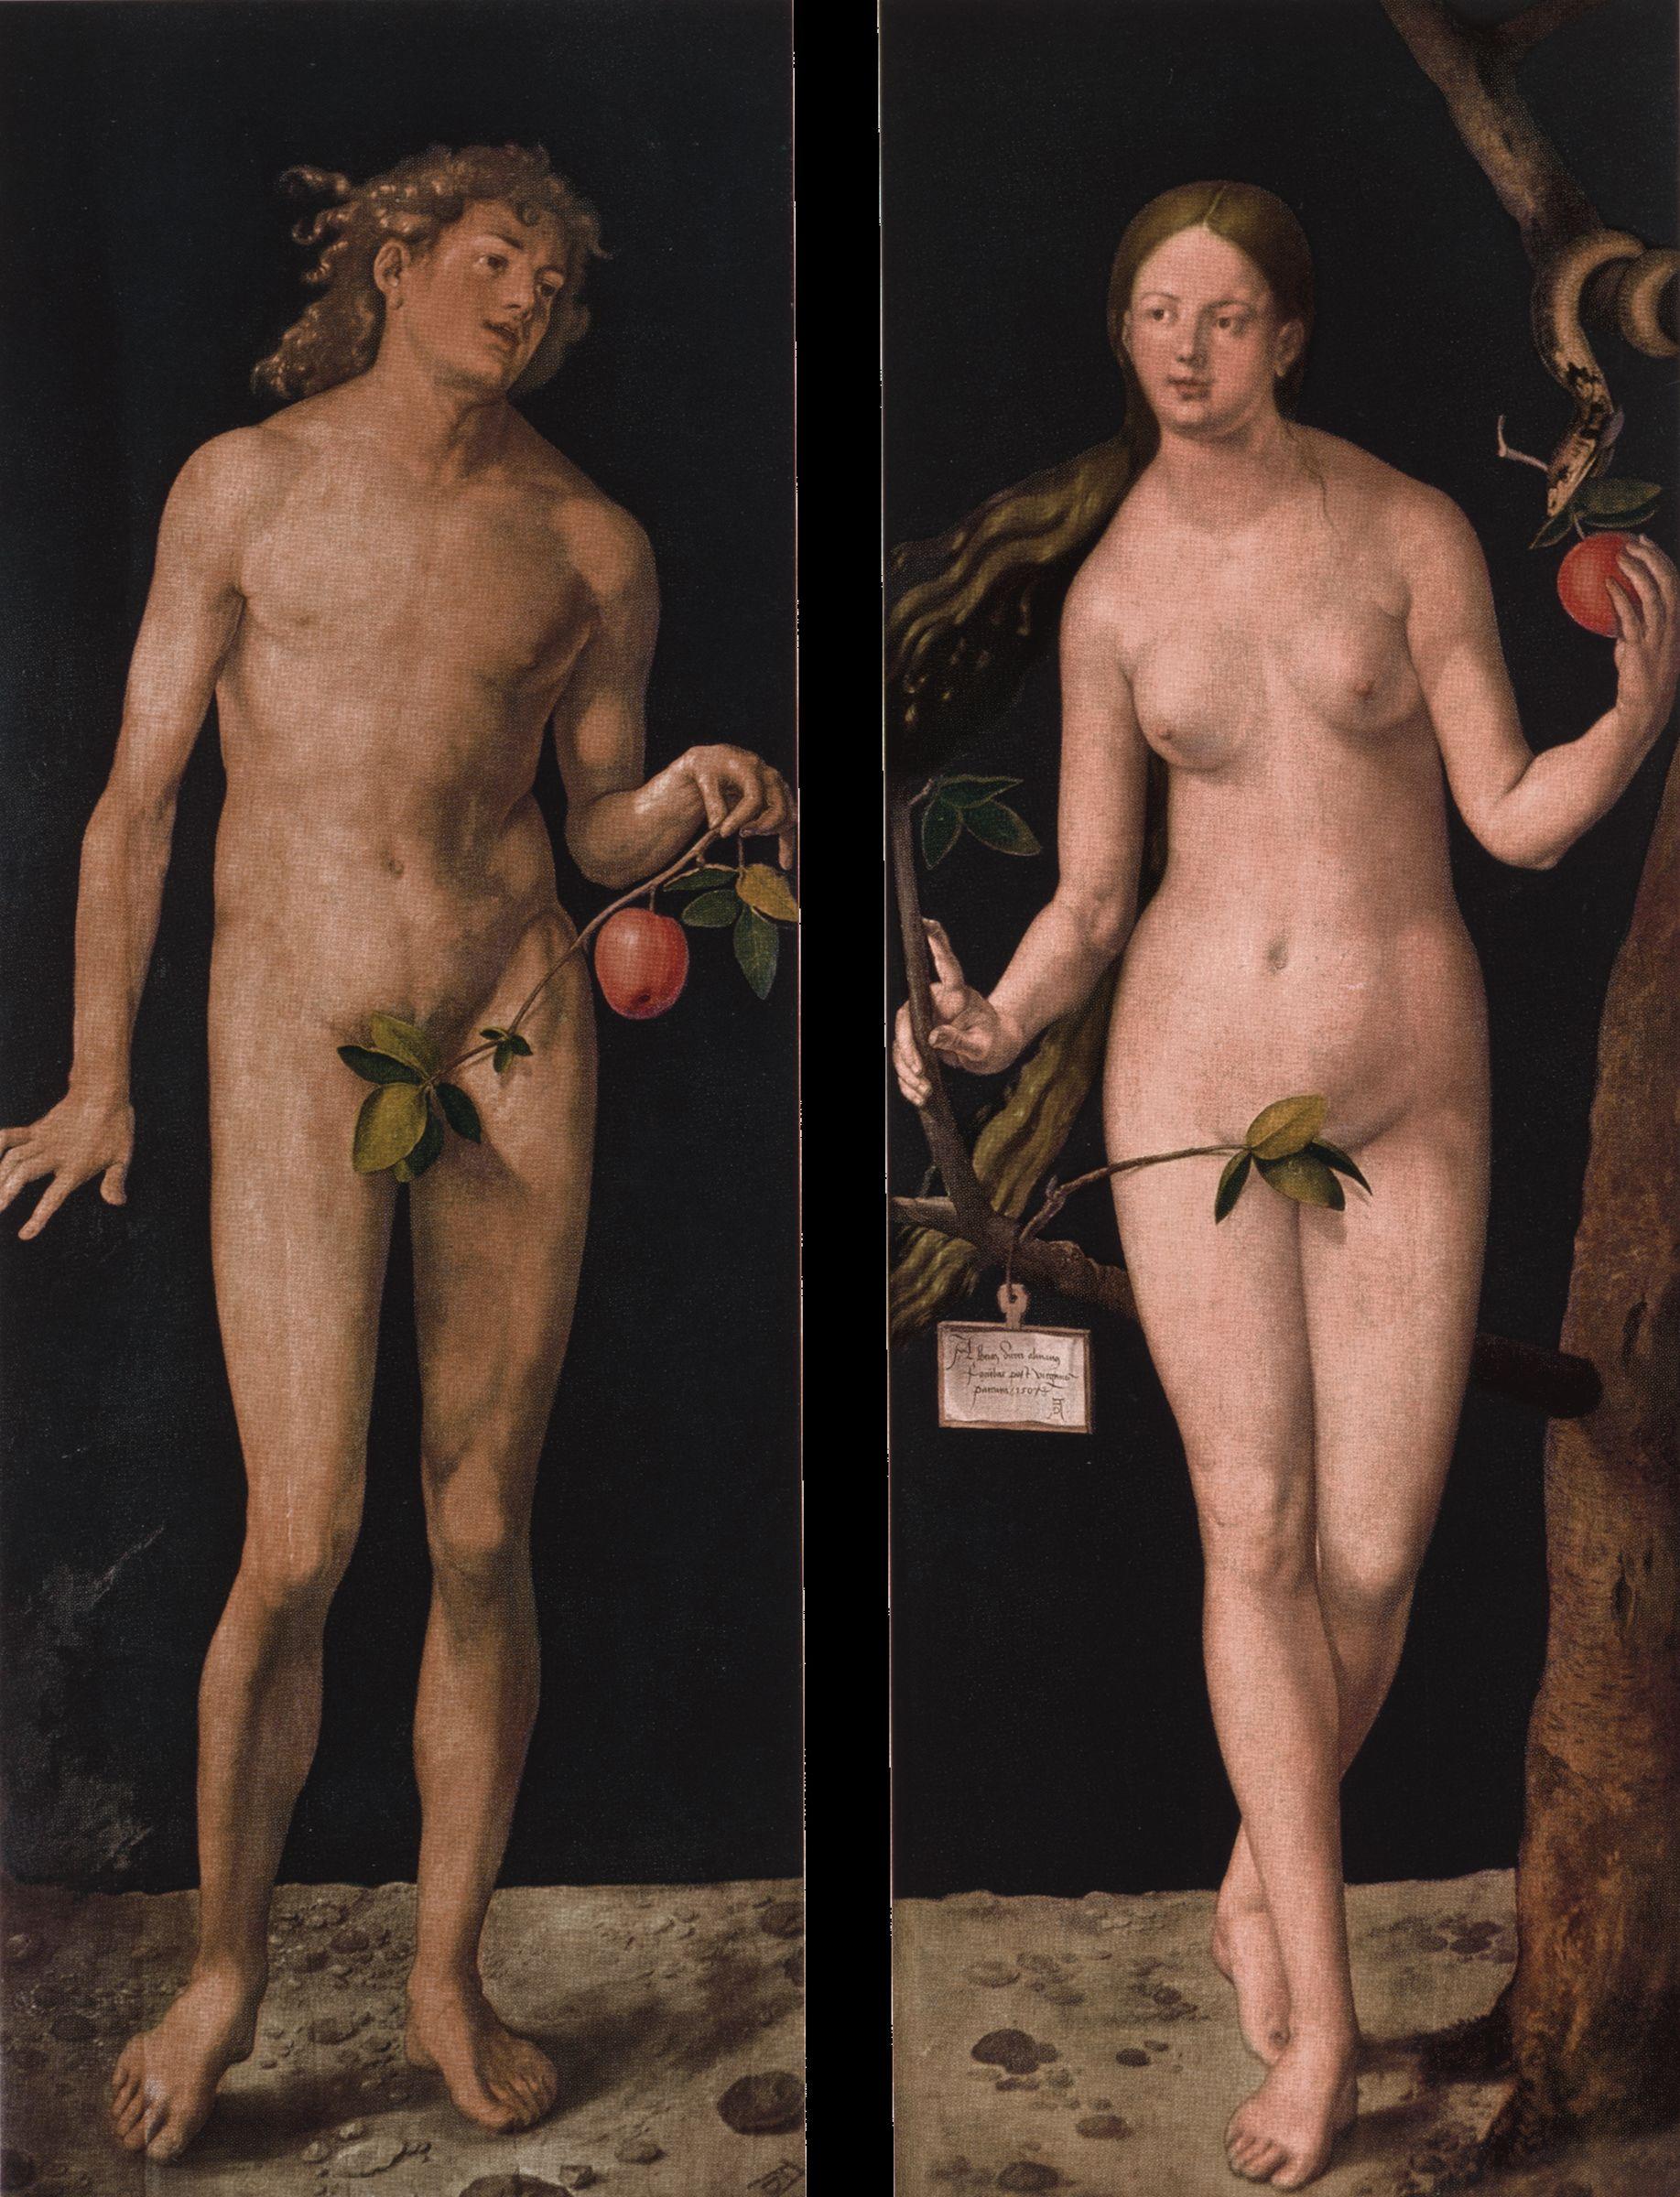 Angela Mazzanti Naked deborah feller - artist | www.deborahfeller